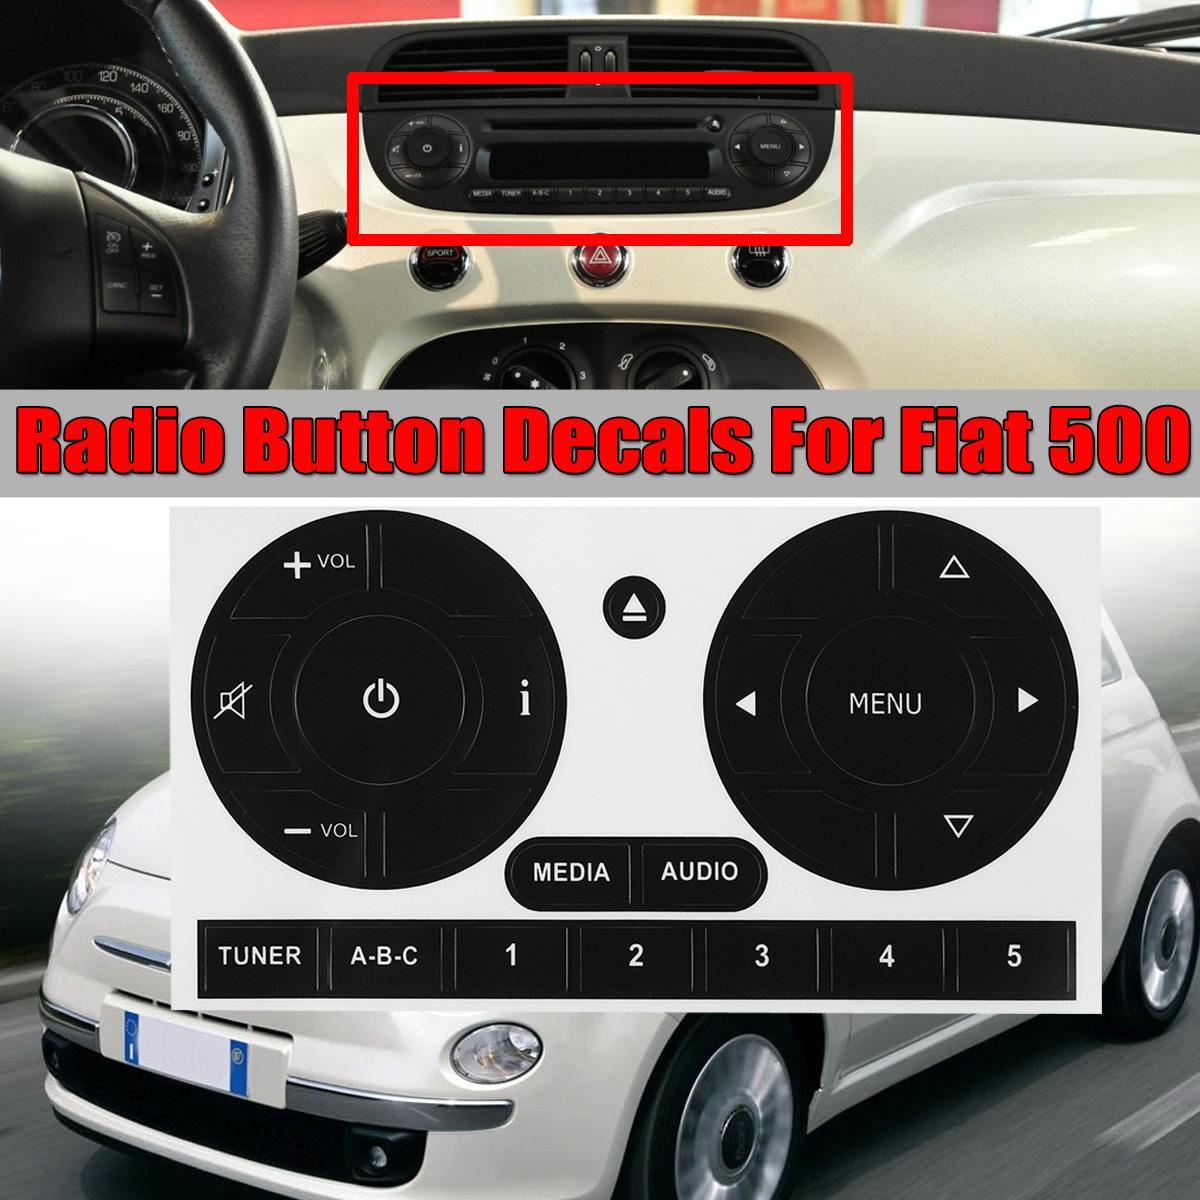 Автомобильные медиа аудио Радио стерео Кнопки Ремонт стикер s наклейки ремонт стикер для Fiat 500 Автомобильная наклейка s исправить уродливую ...